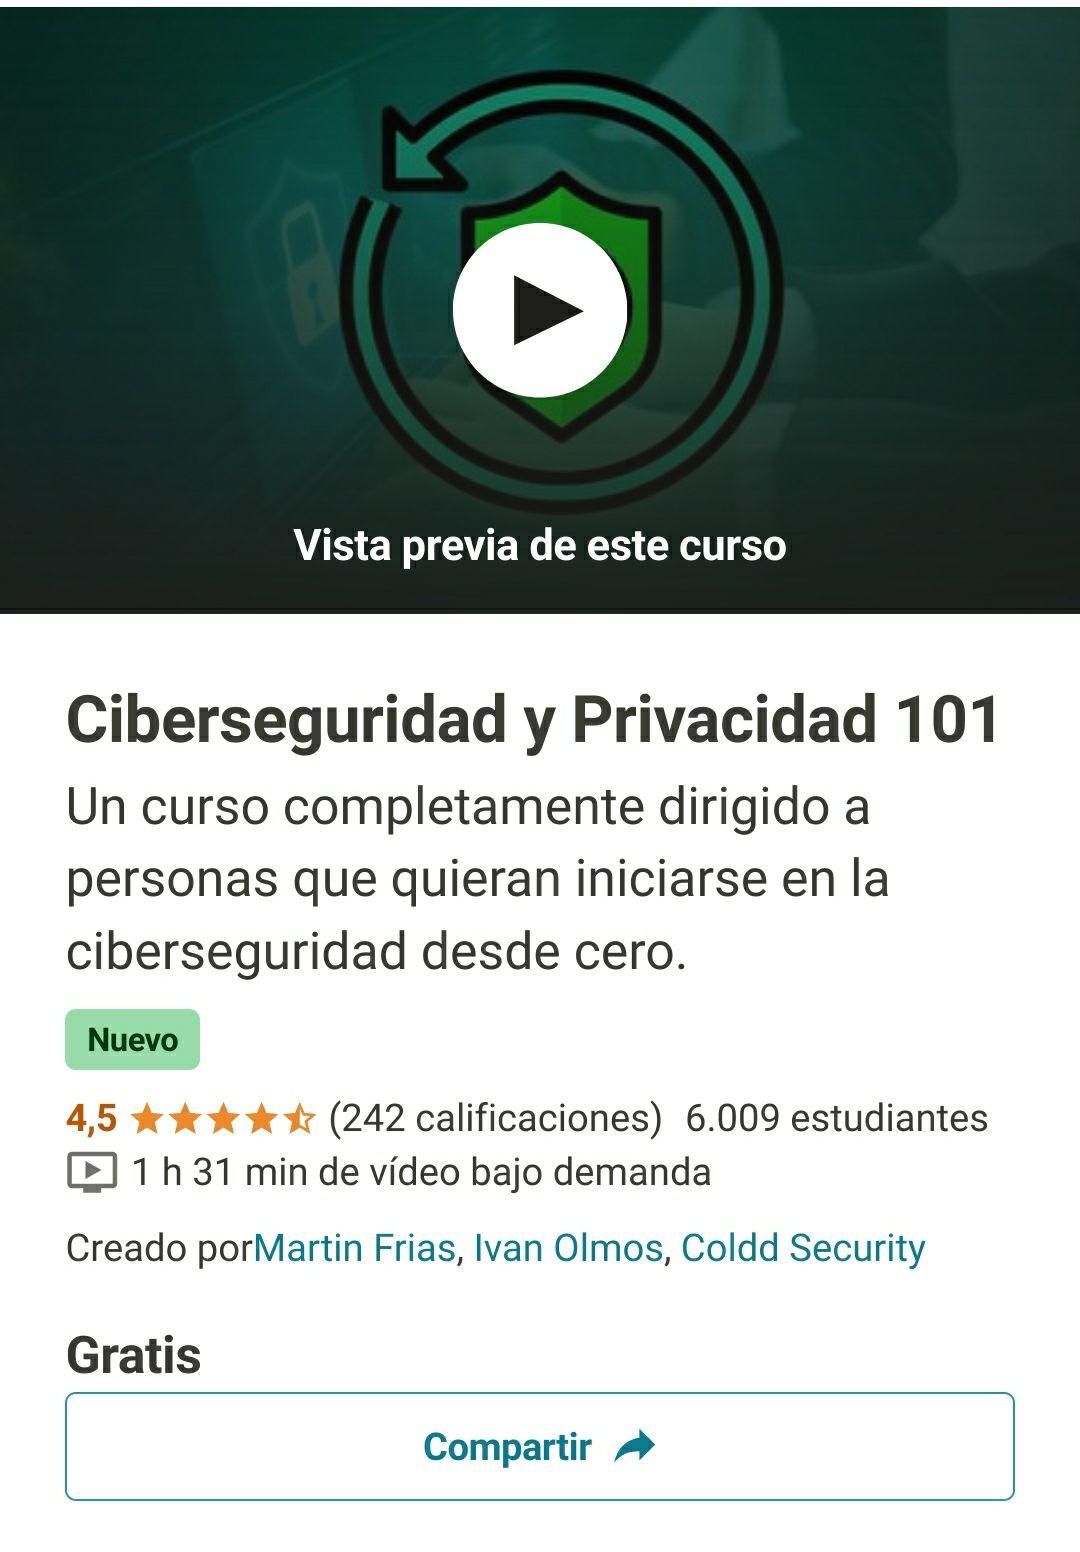 GRATIS Curso de Ciberseguridad y Privacidad GRATIS